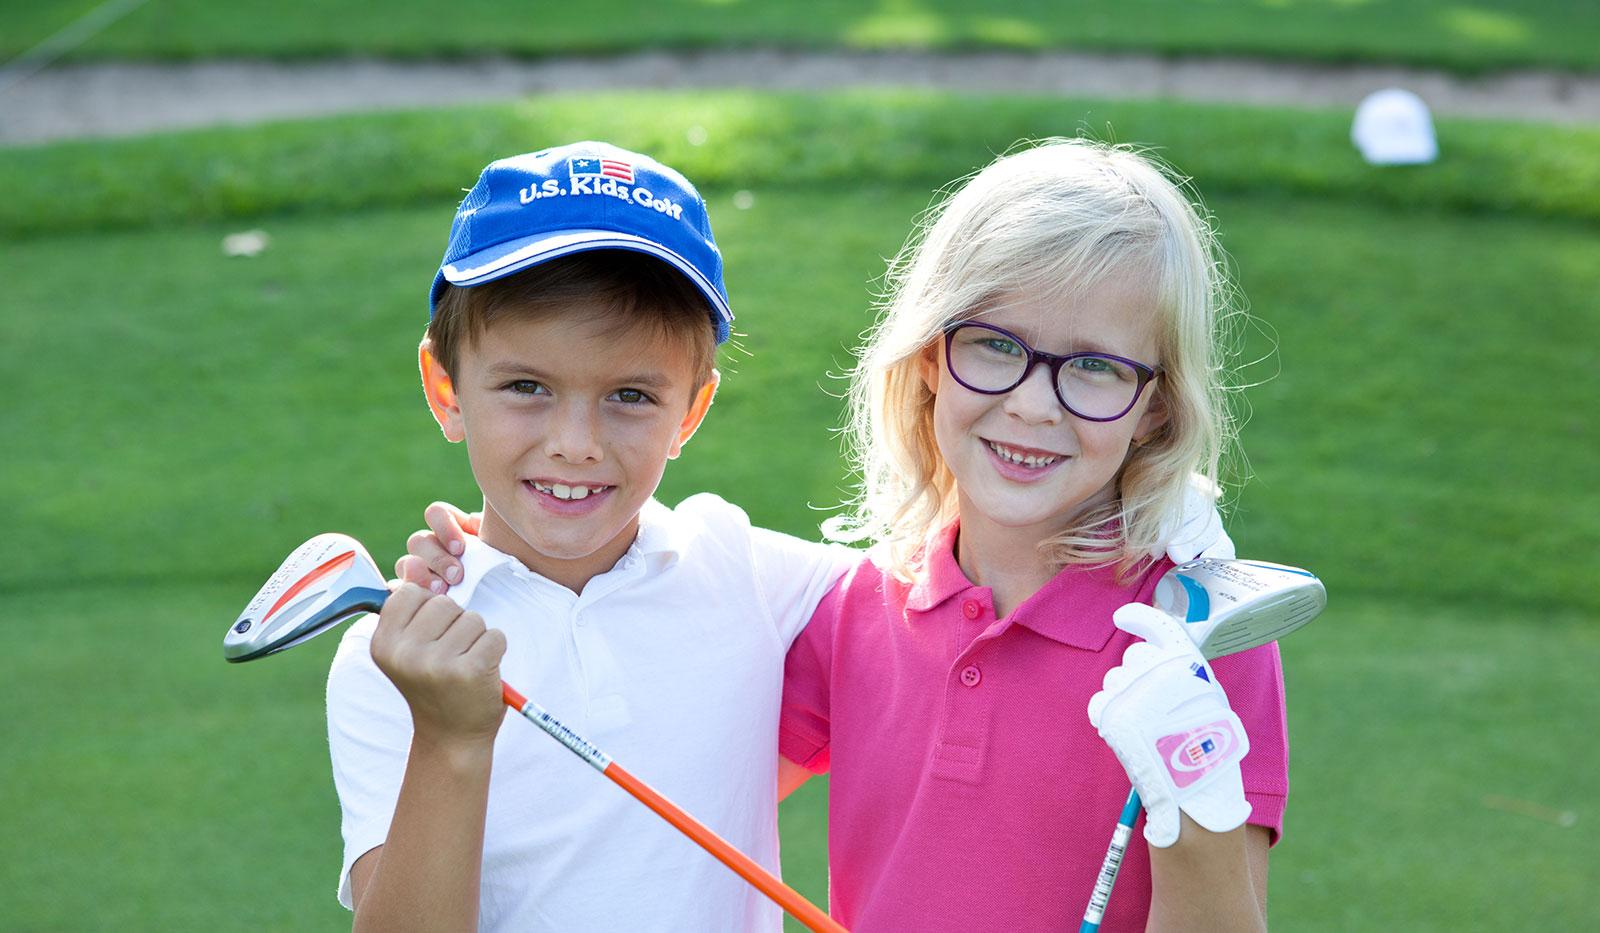 Kinder mit U.S. Kids Golf Golfschlägern